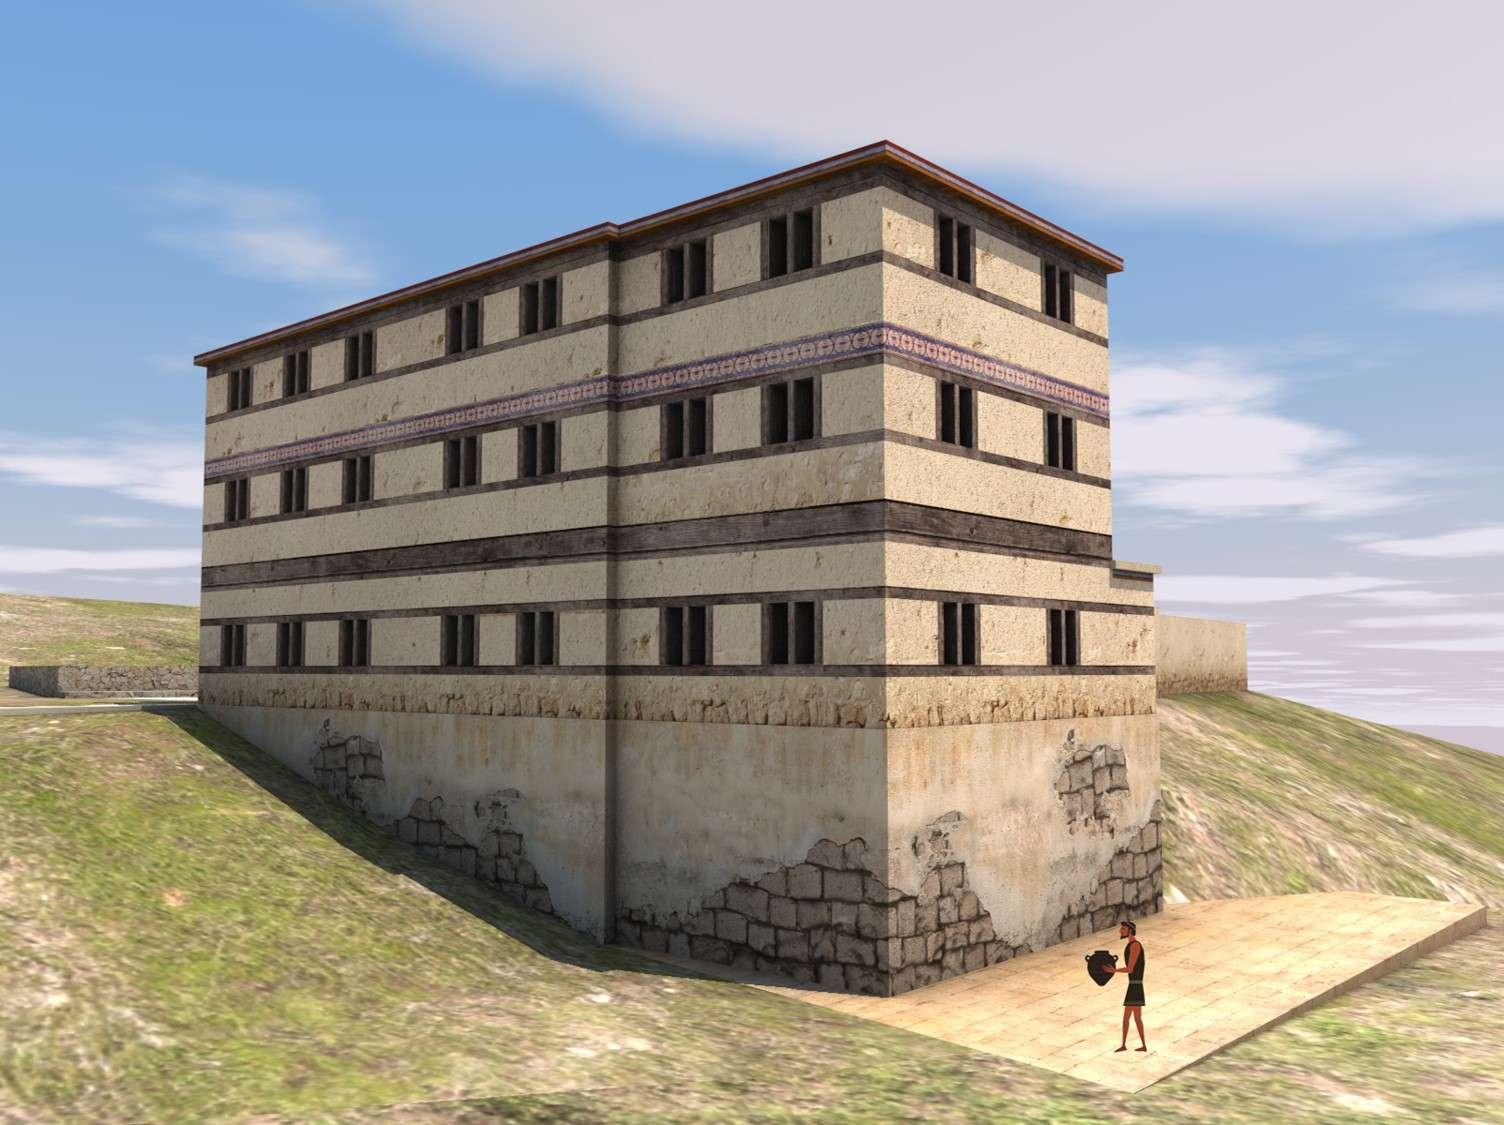 Αρχαία Ίκλαινα. Ψηφιακή αναπαράσταση